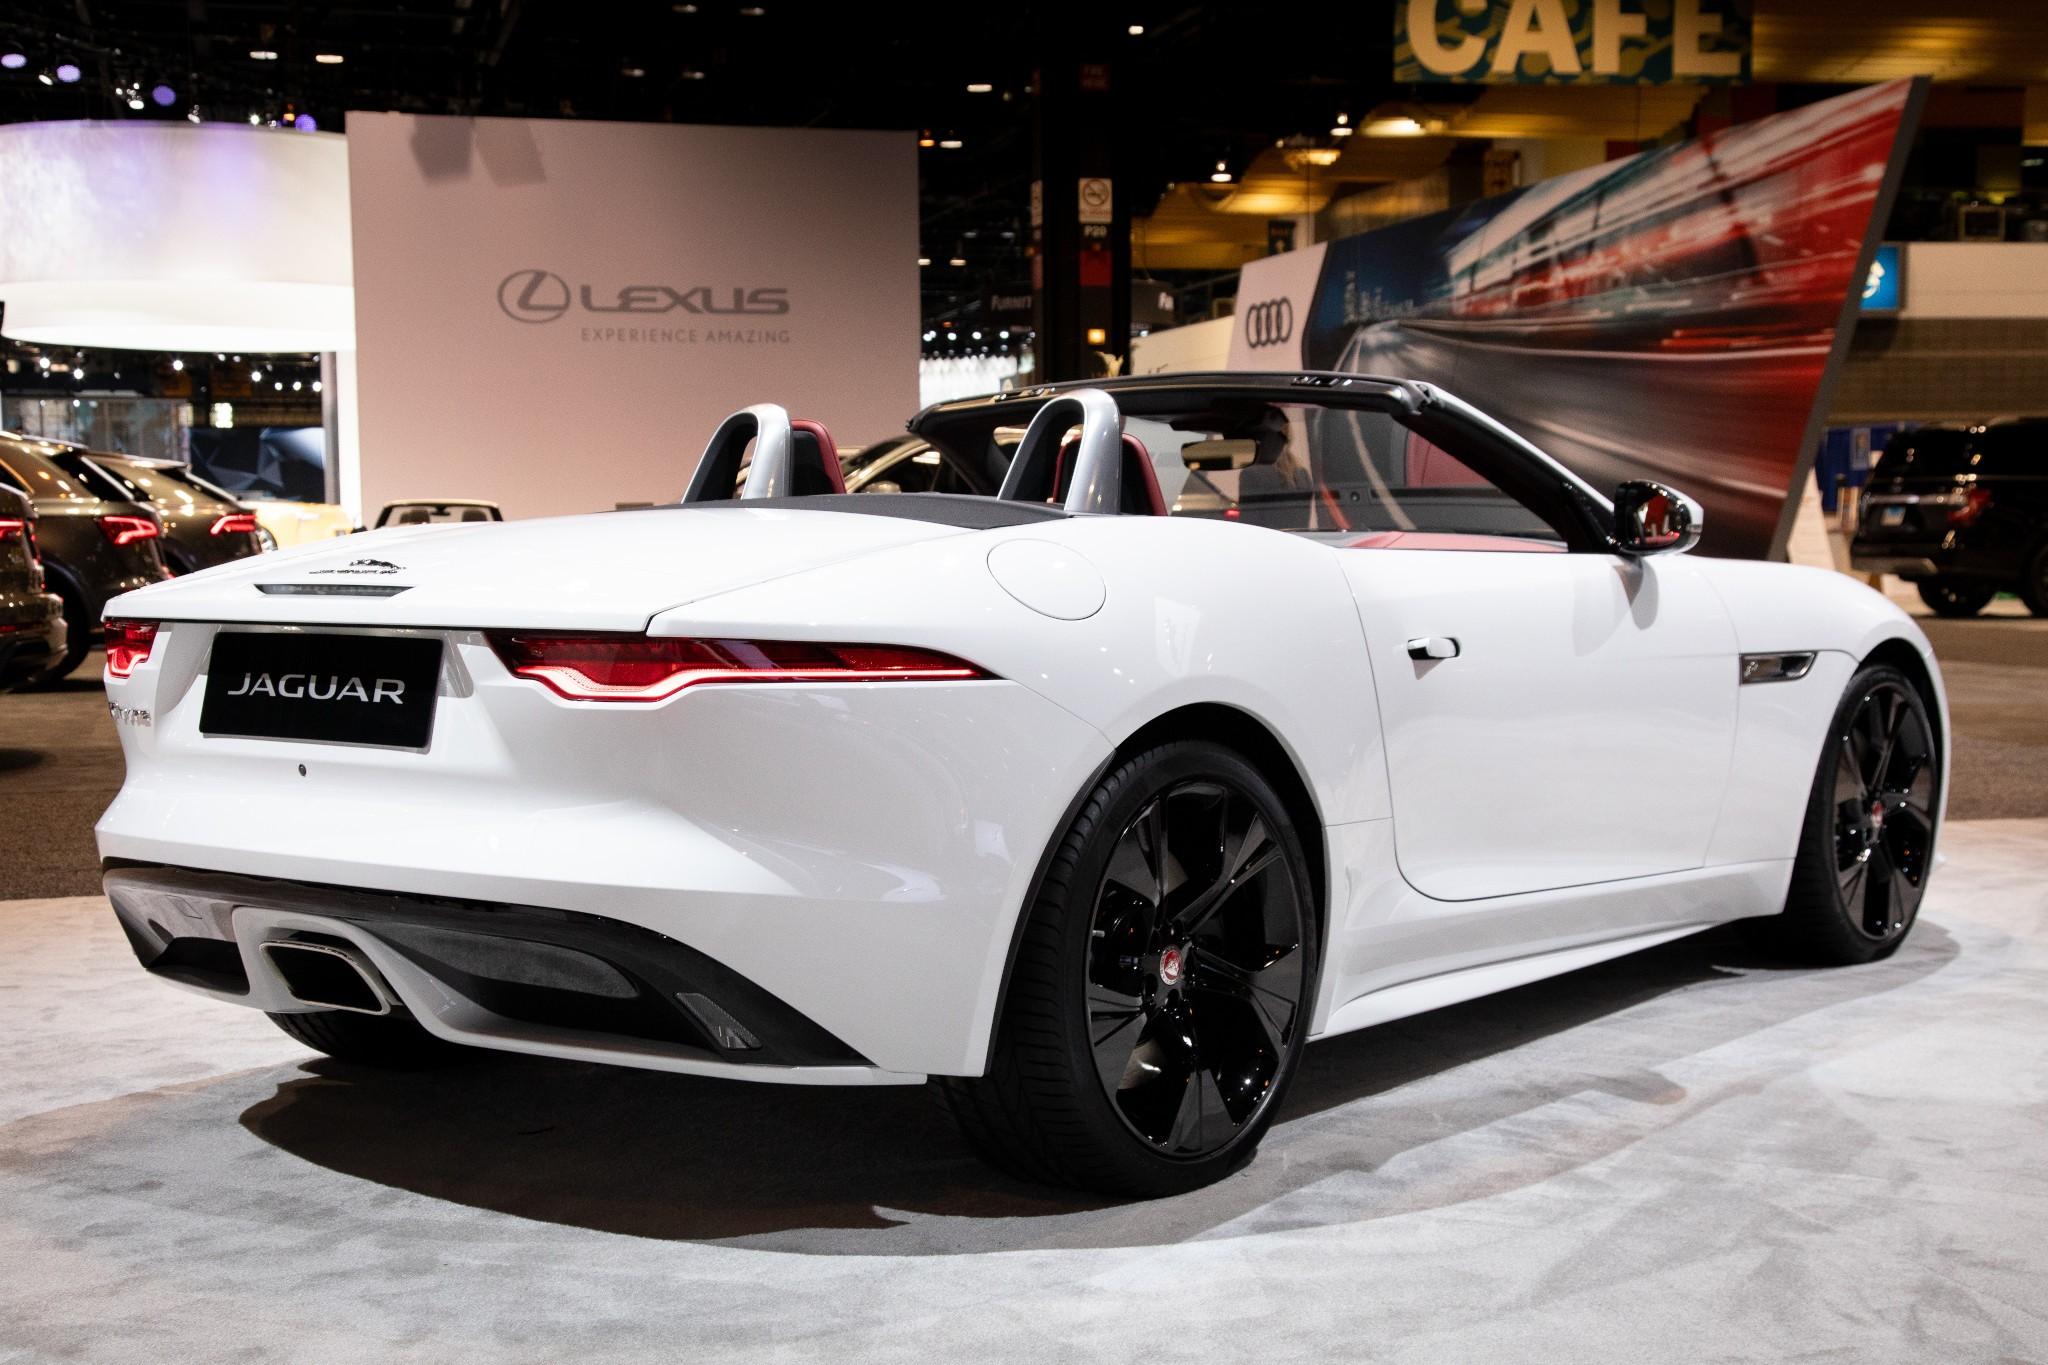 jaguar-f-type-2021-6-exterior--rear--white.jpg